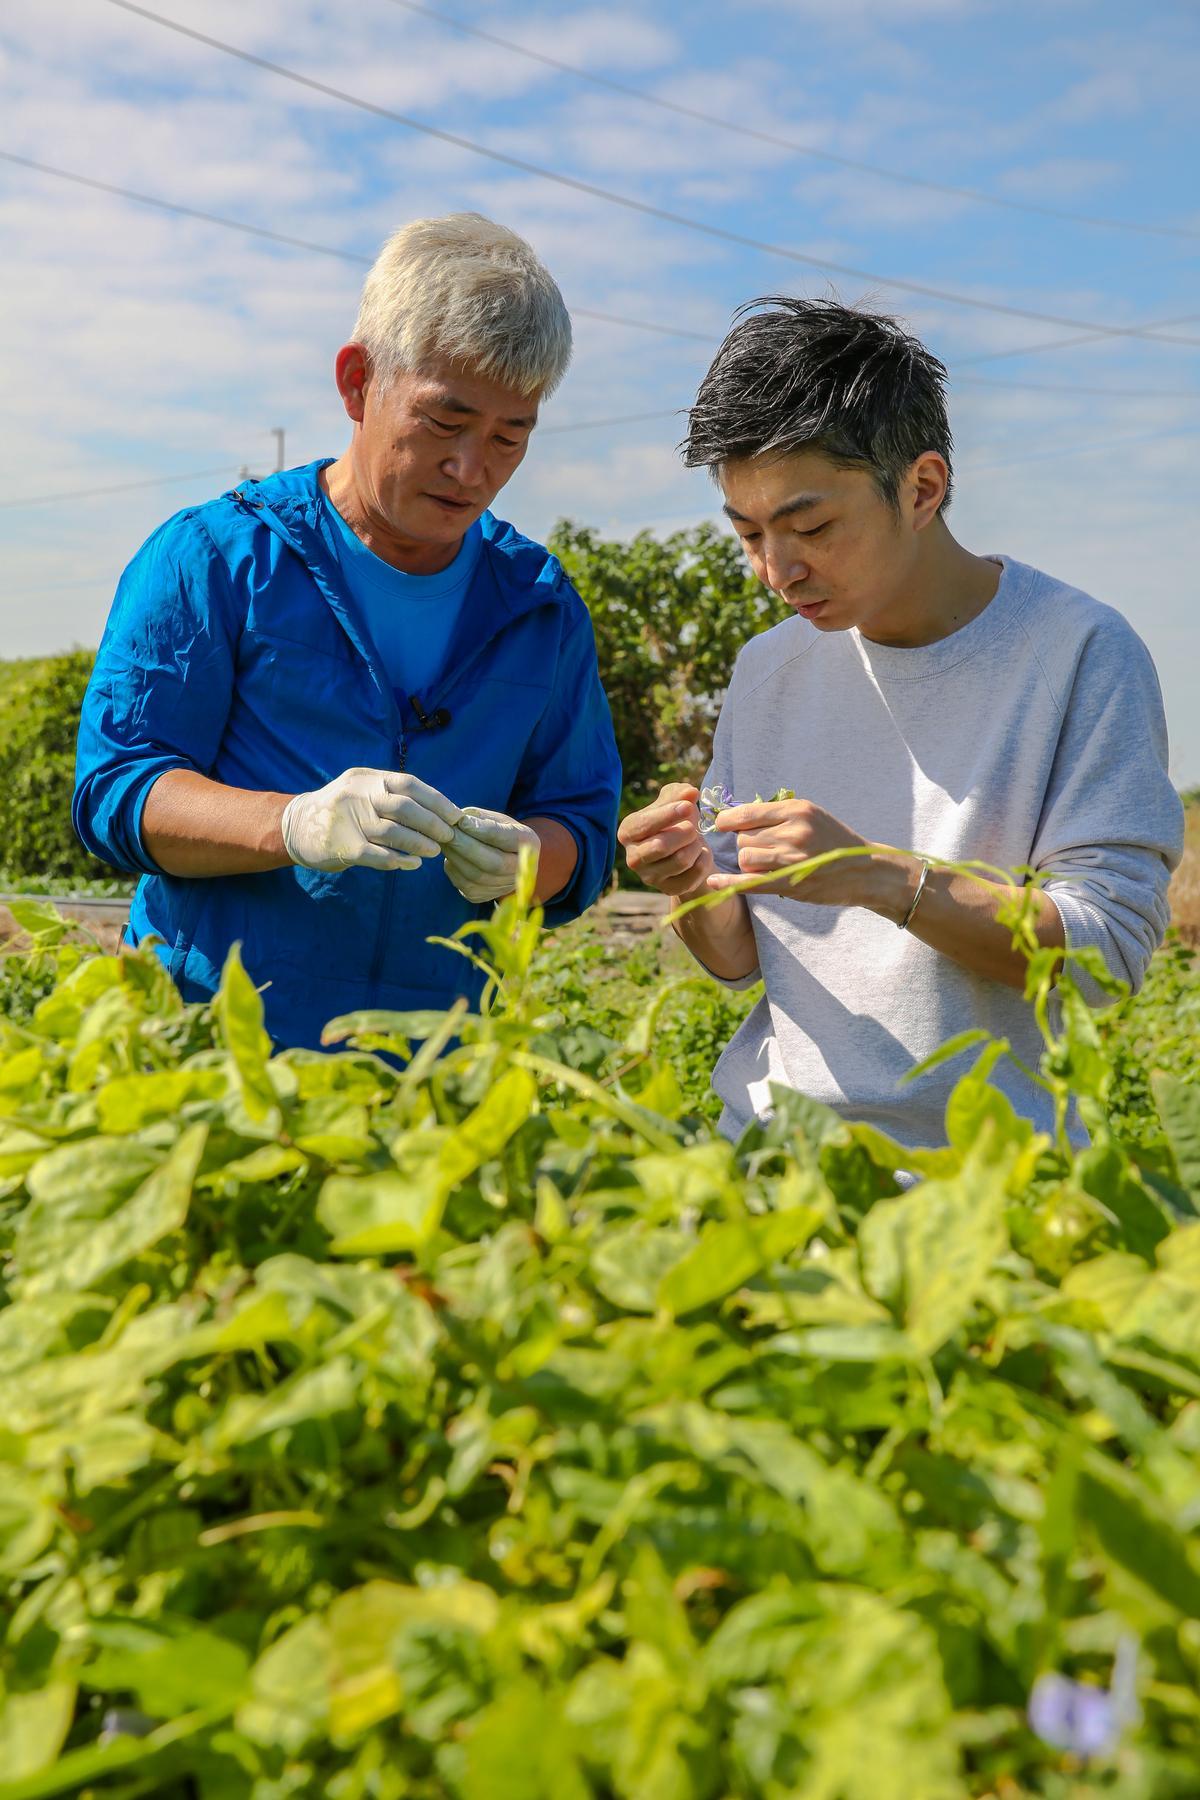 林泉(右)勤跑食材產地,他認為透過種植者林中智的分享能更認識食材的變化和風味。